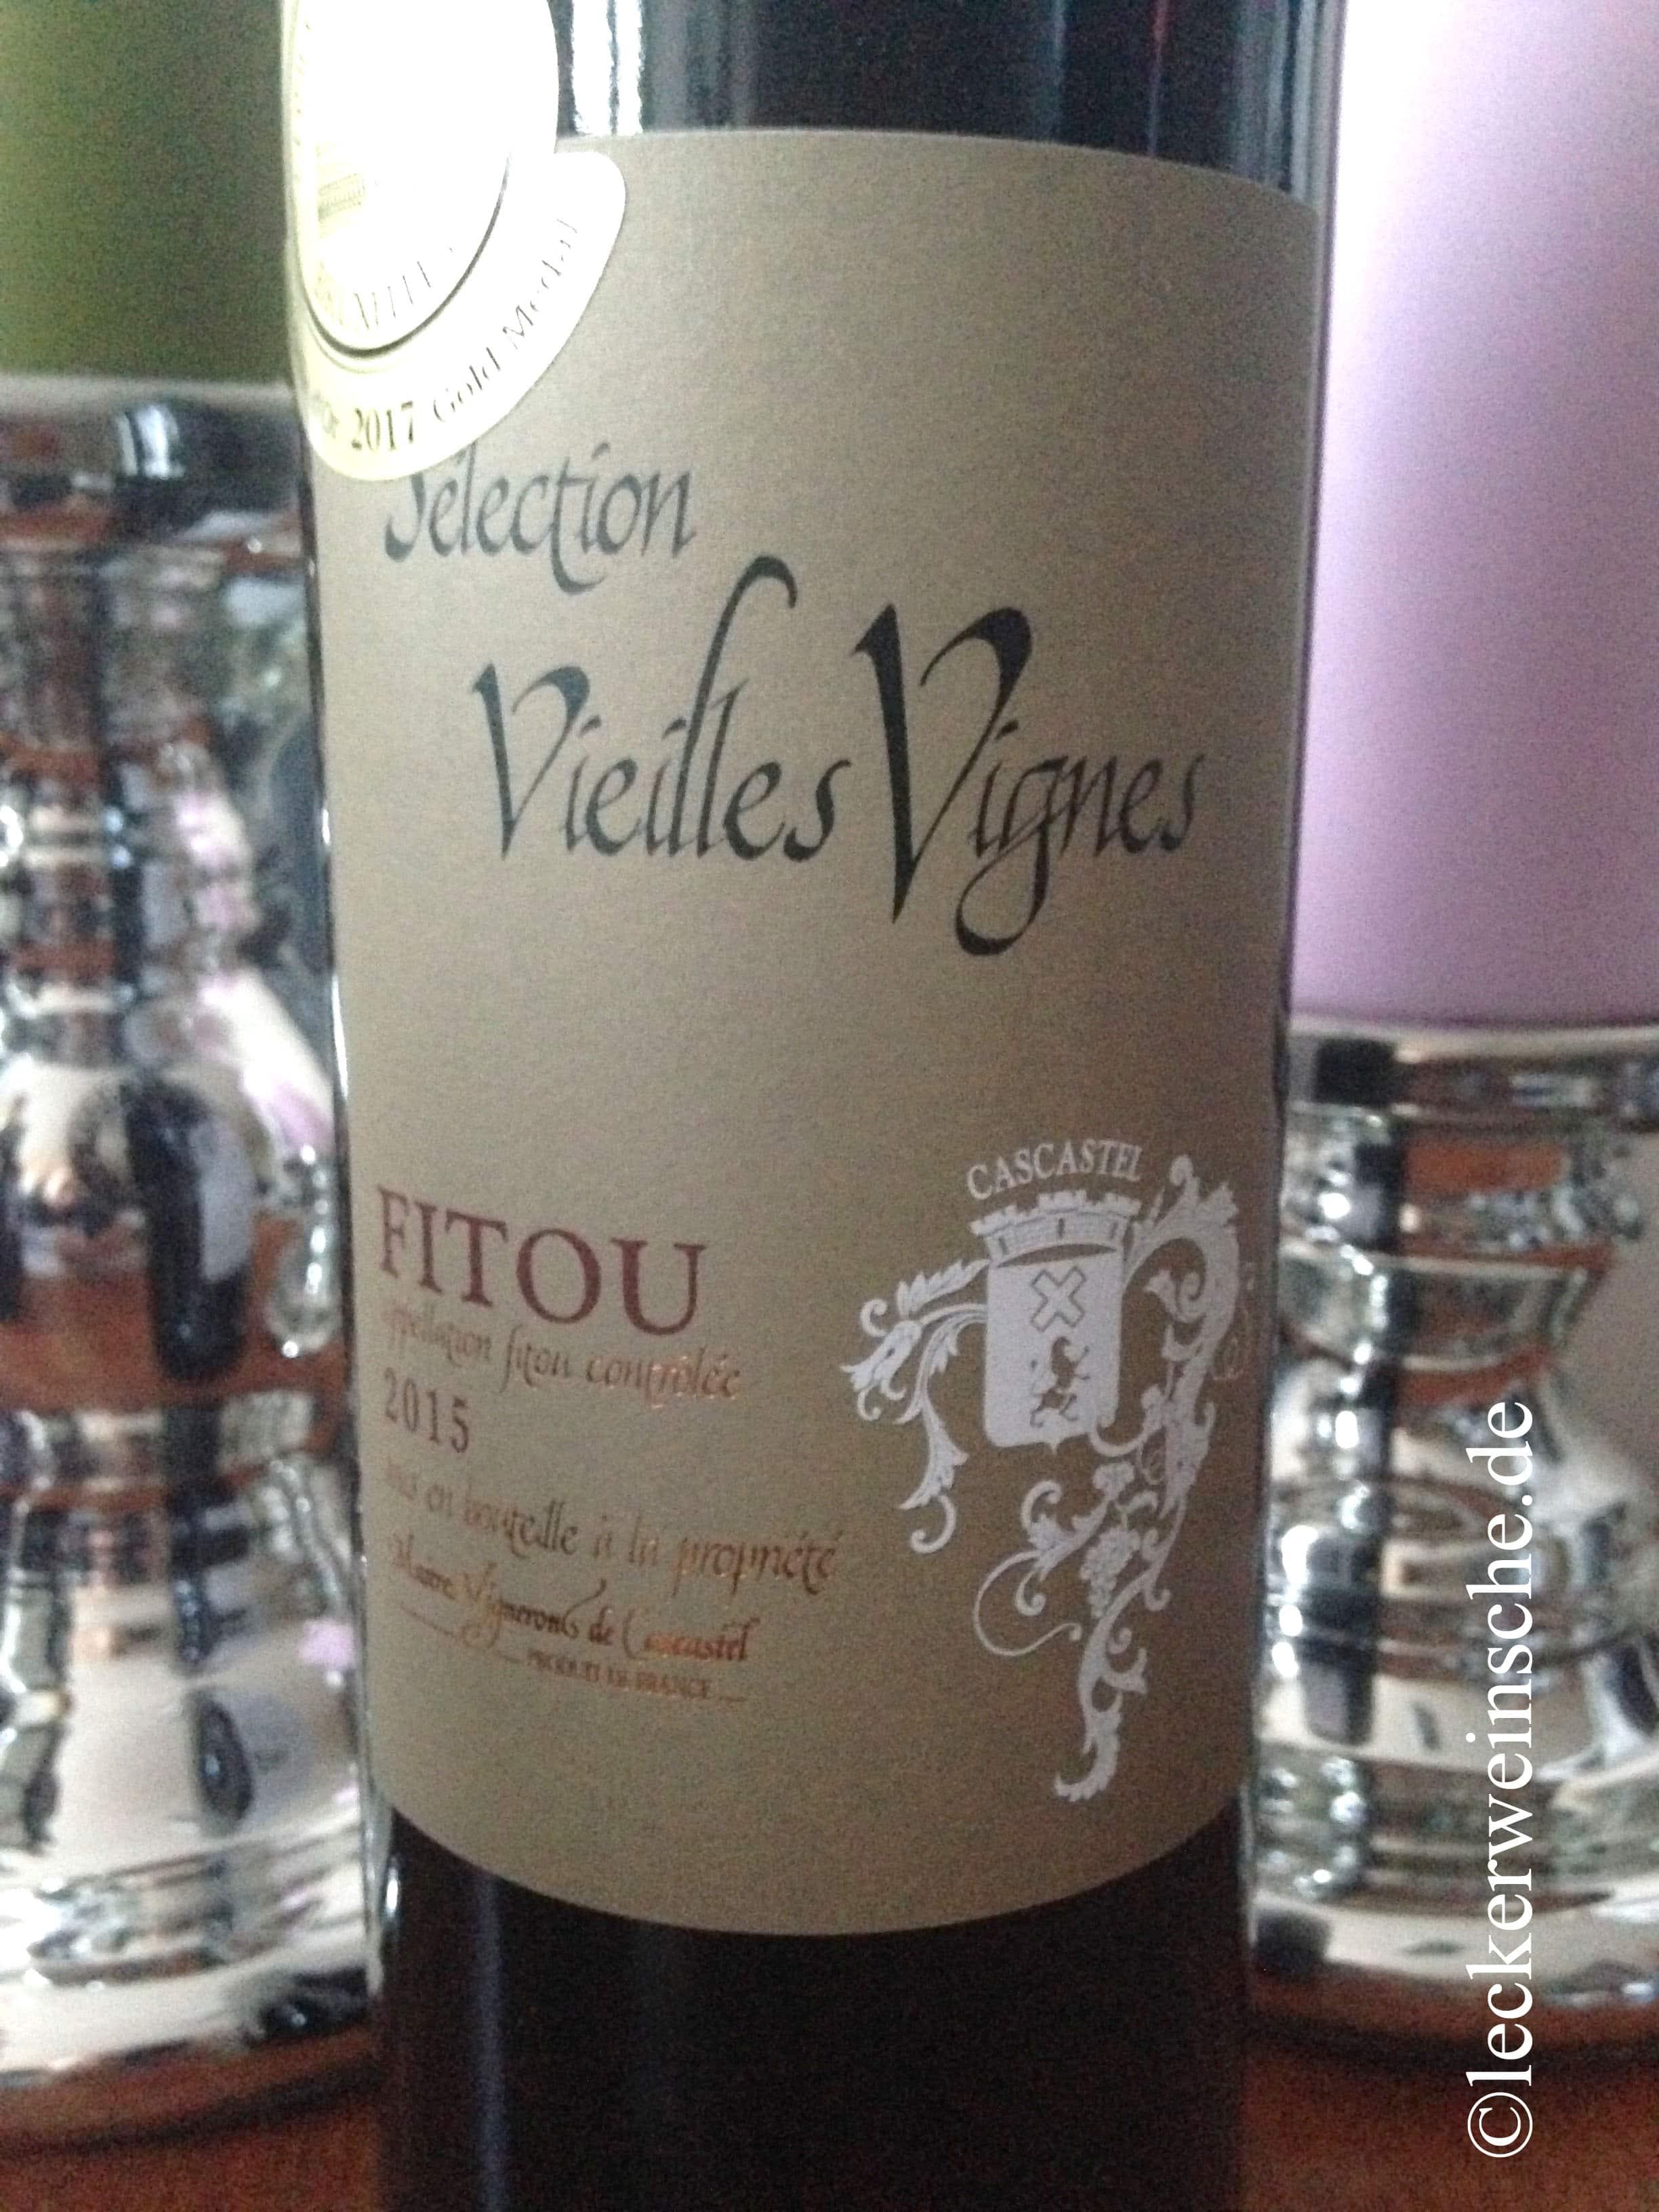 Weinflasche Vorderseite von Fitou Selection Vieilles Vignes